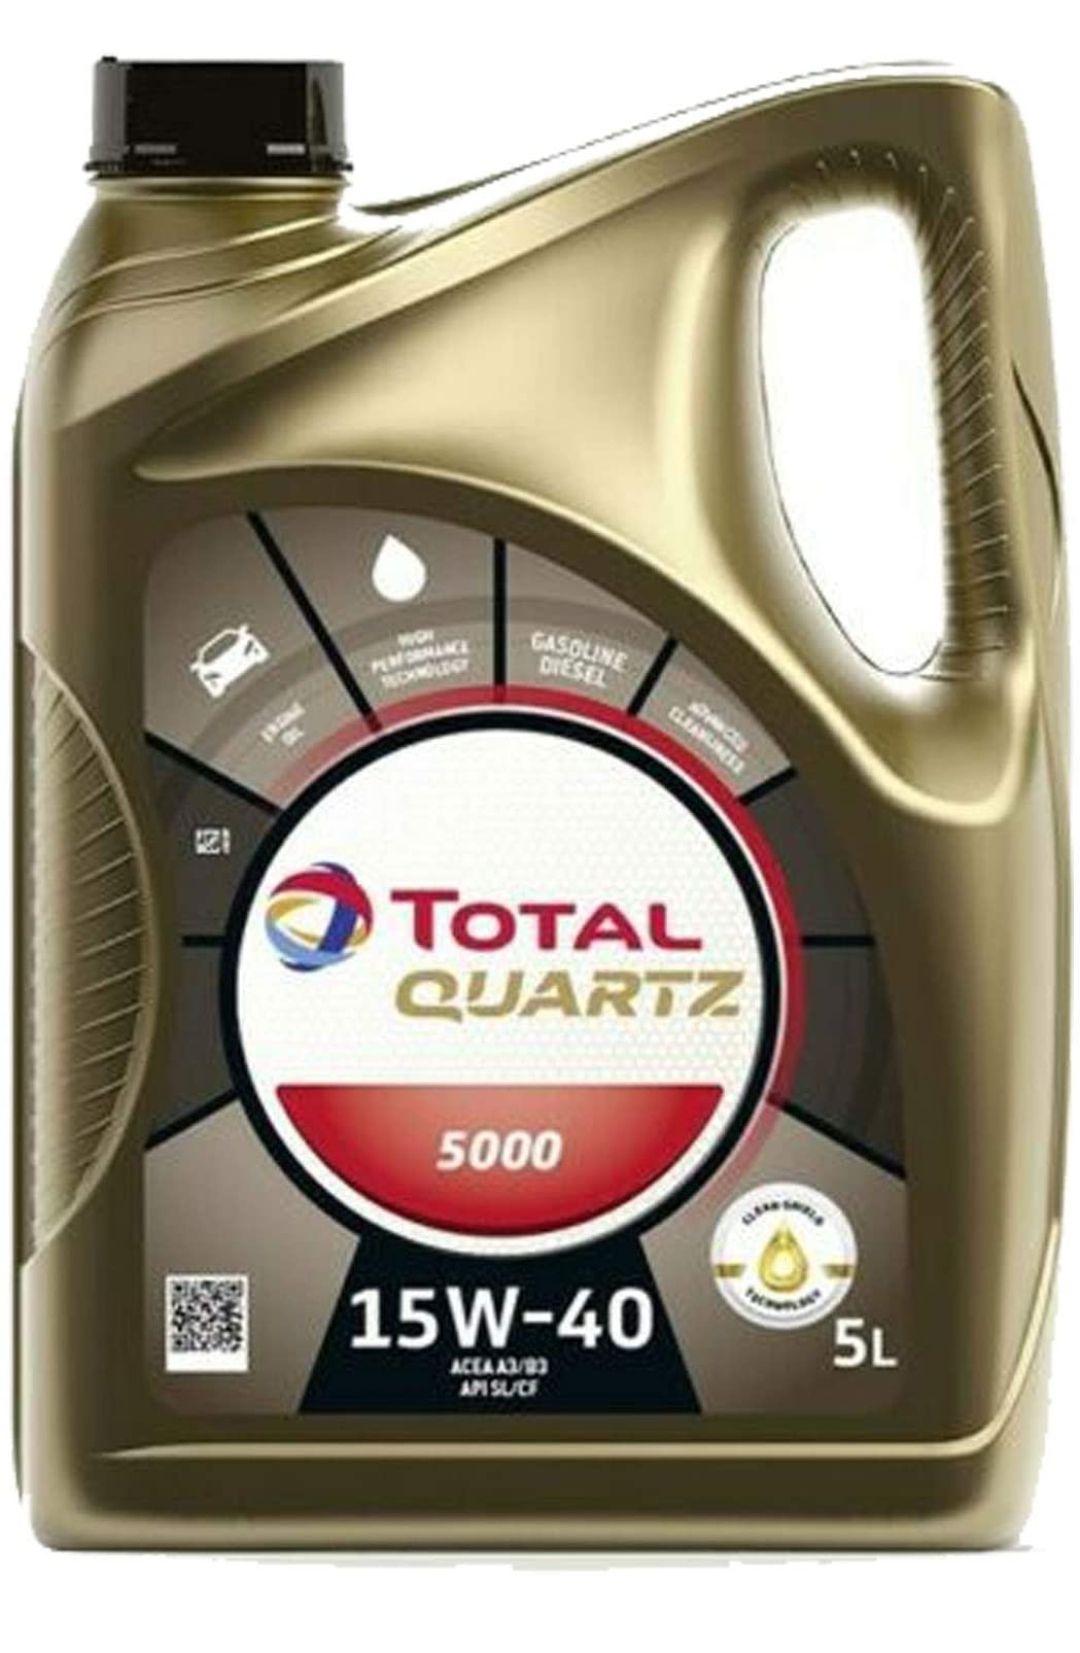 Total Quartz 5000 15W-40 Mehrbereichs - Motoröl im 5 Liter Kanister Auto